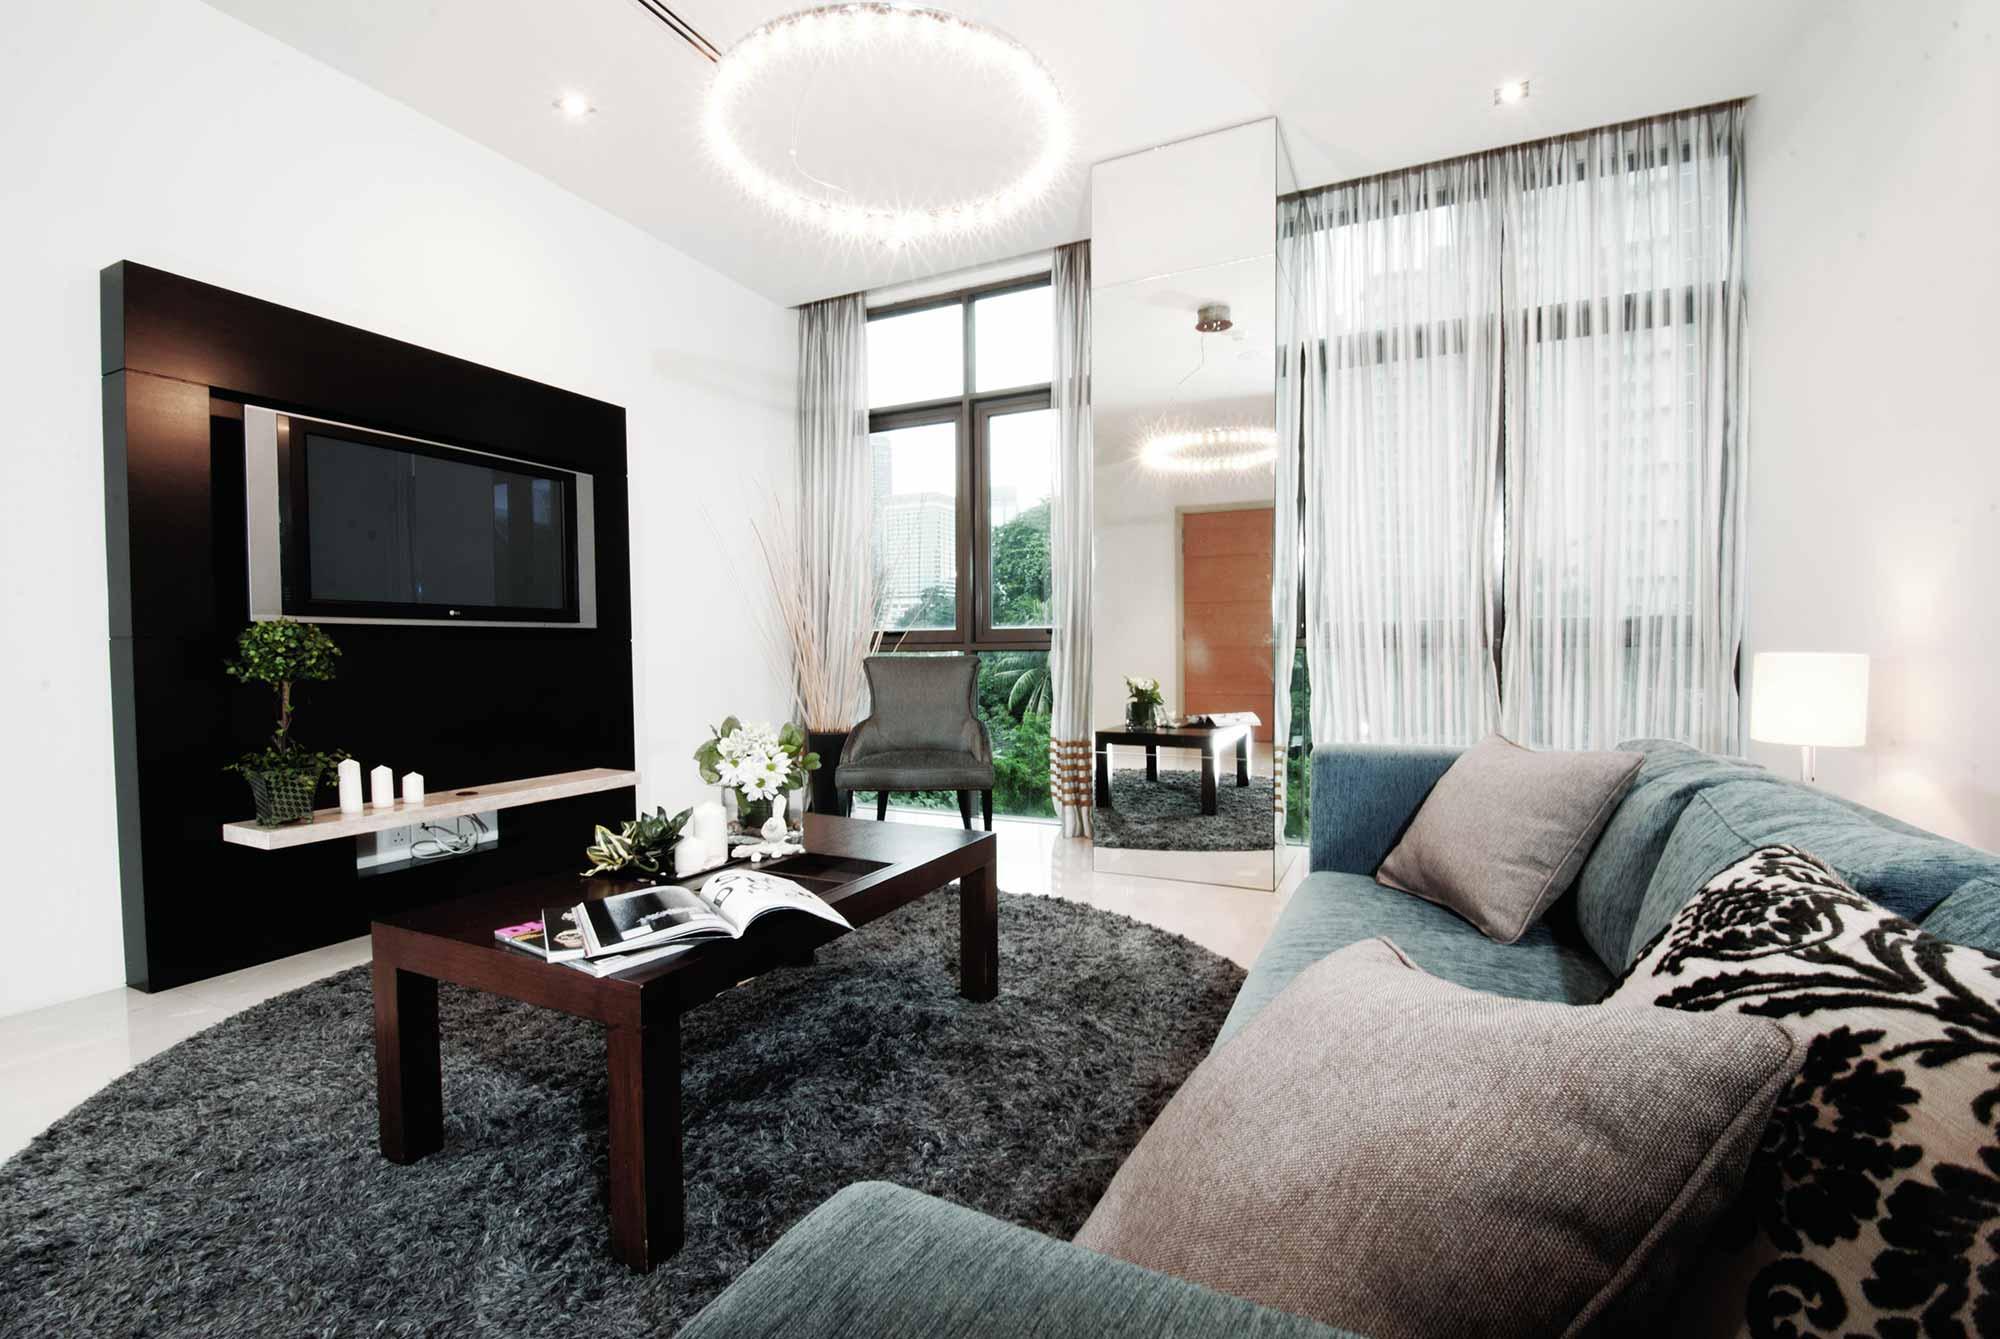 Suria-stonor-Guest-room